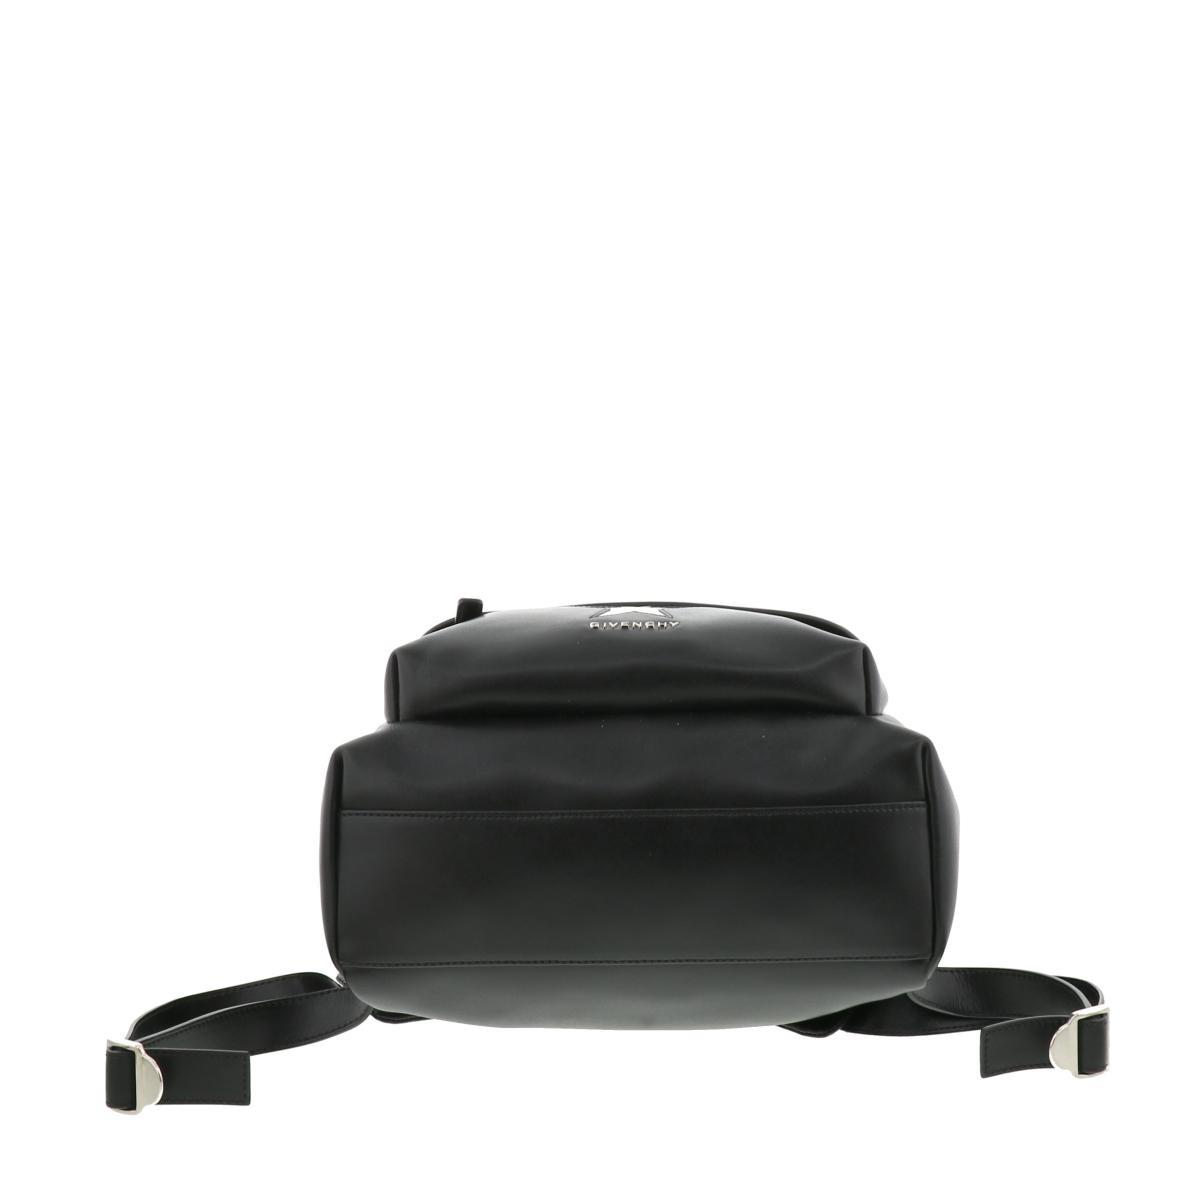 【お値下げ品】【即日発送・水曜定休日・木曜発送】【中古】GIVENCHY (ジバンシー) スターパッチ スモールレザー バックパック バッグ リュックサック/デイパック スターパッチ Black/ブラック BB05533655 used:B